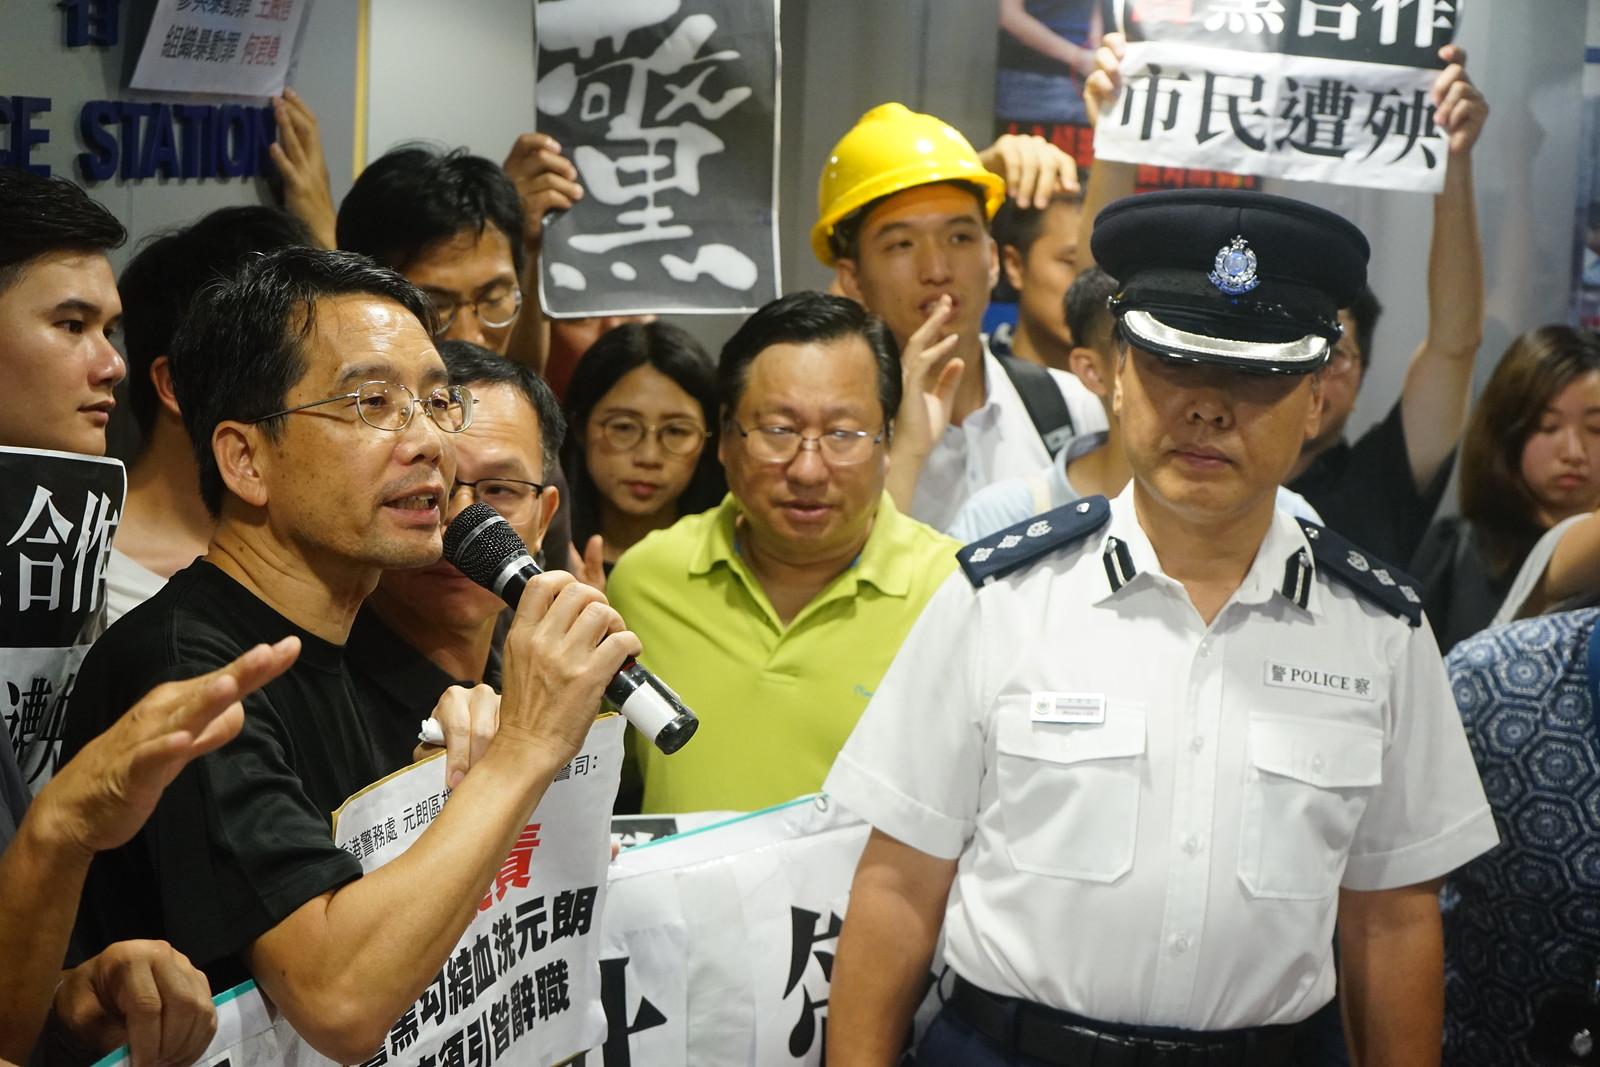 元朗民主派議員警署報案 斥黑警縱容黑社會毆打市民 | 獨媒報導 | 香港獨立媒體網